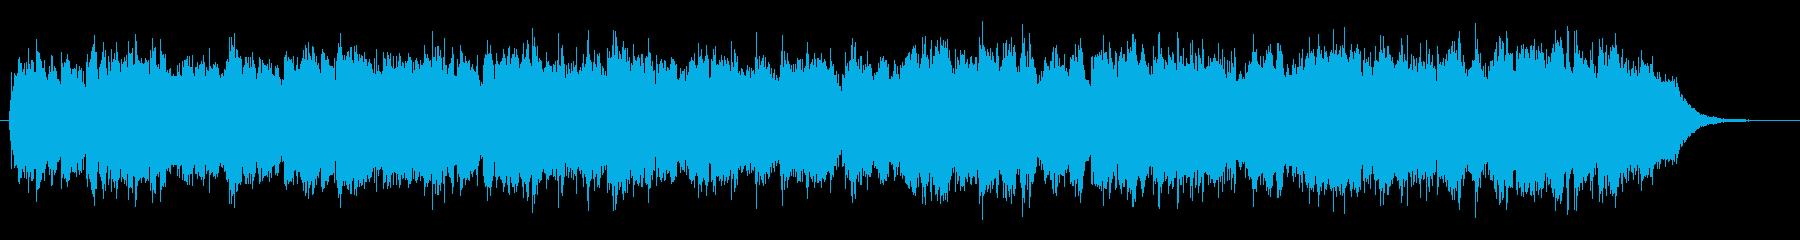 幻想的ファンタジーな笛旋律のケルト風音楽の再生済みの波形